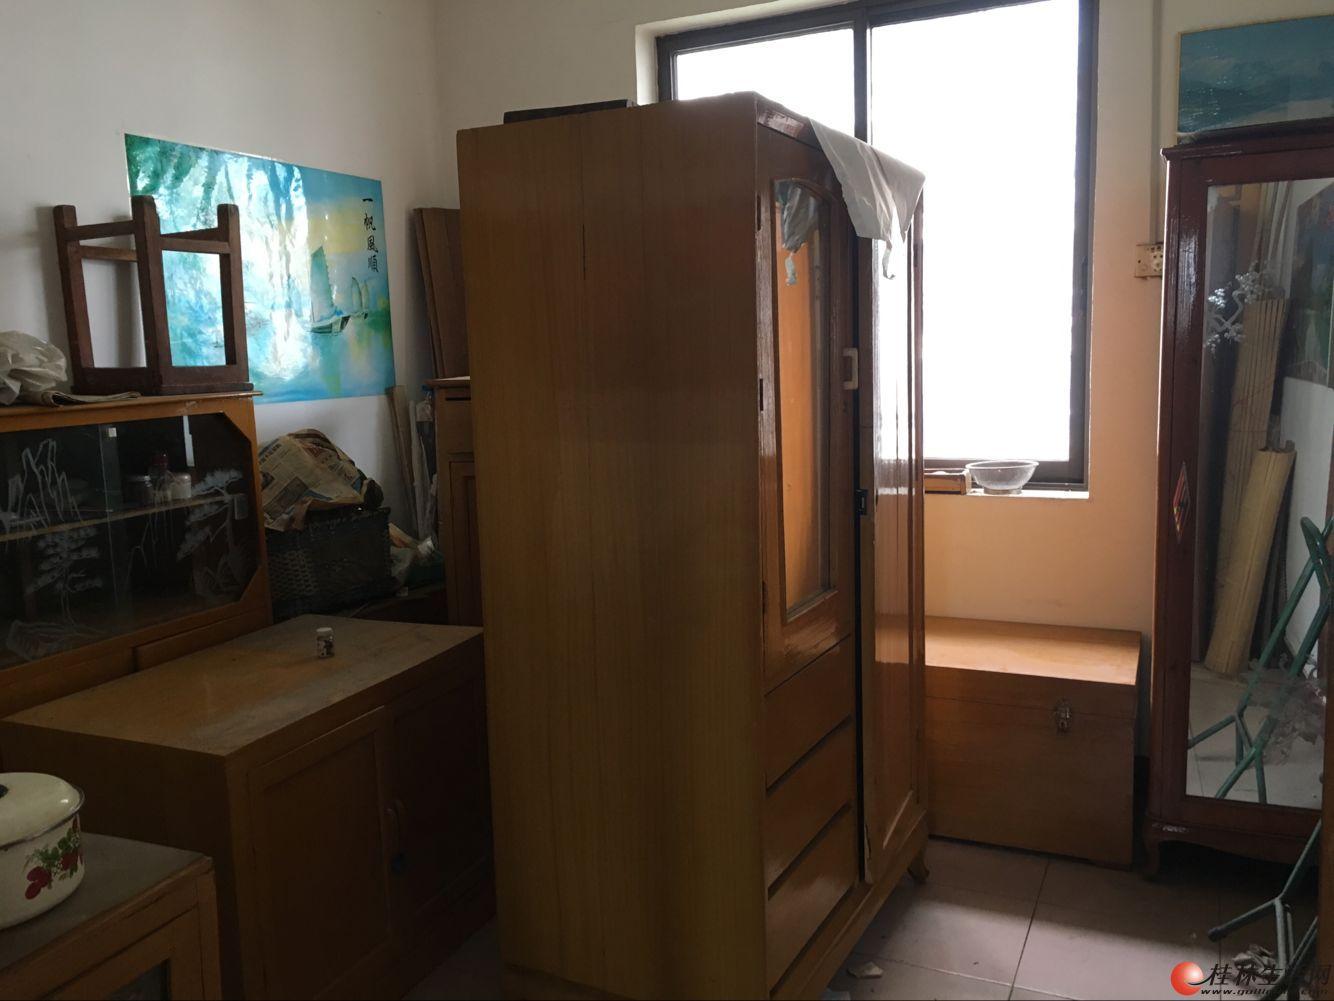 M 地矿院宿舍 3室1厅1卫 77平 售47万